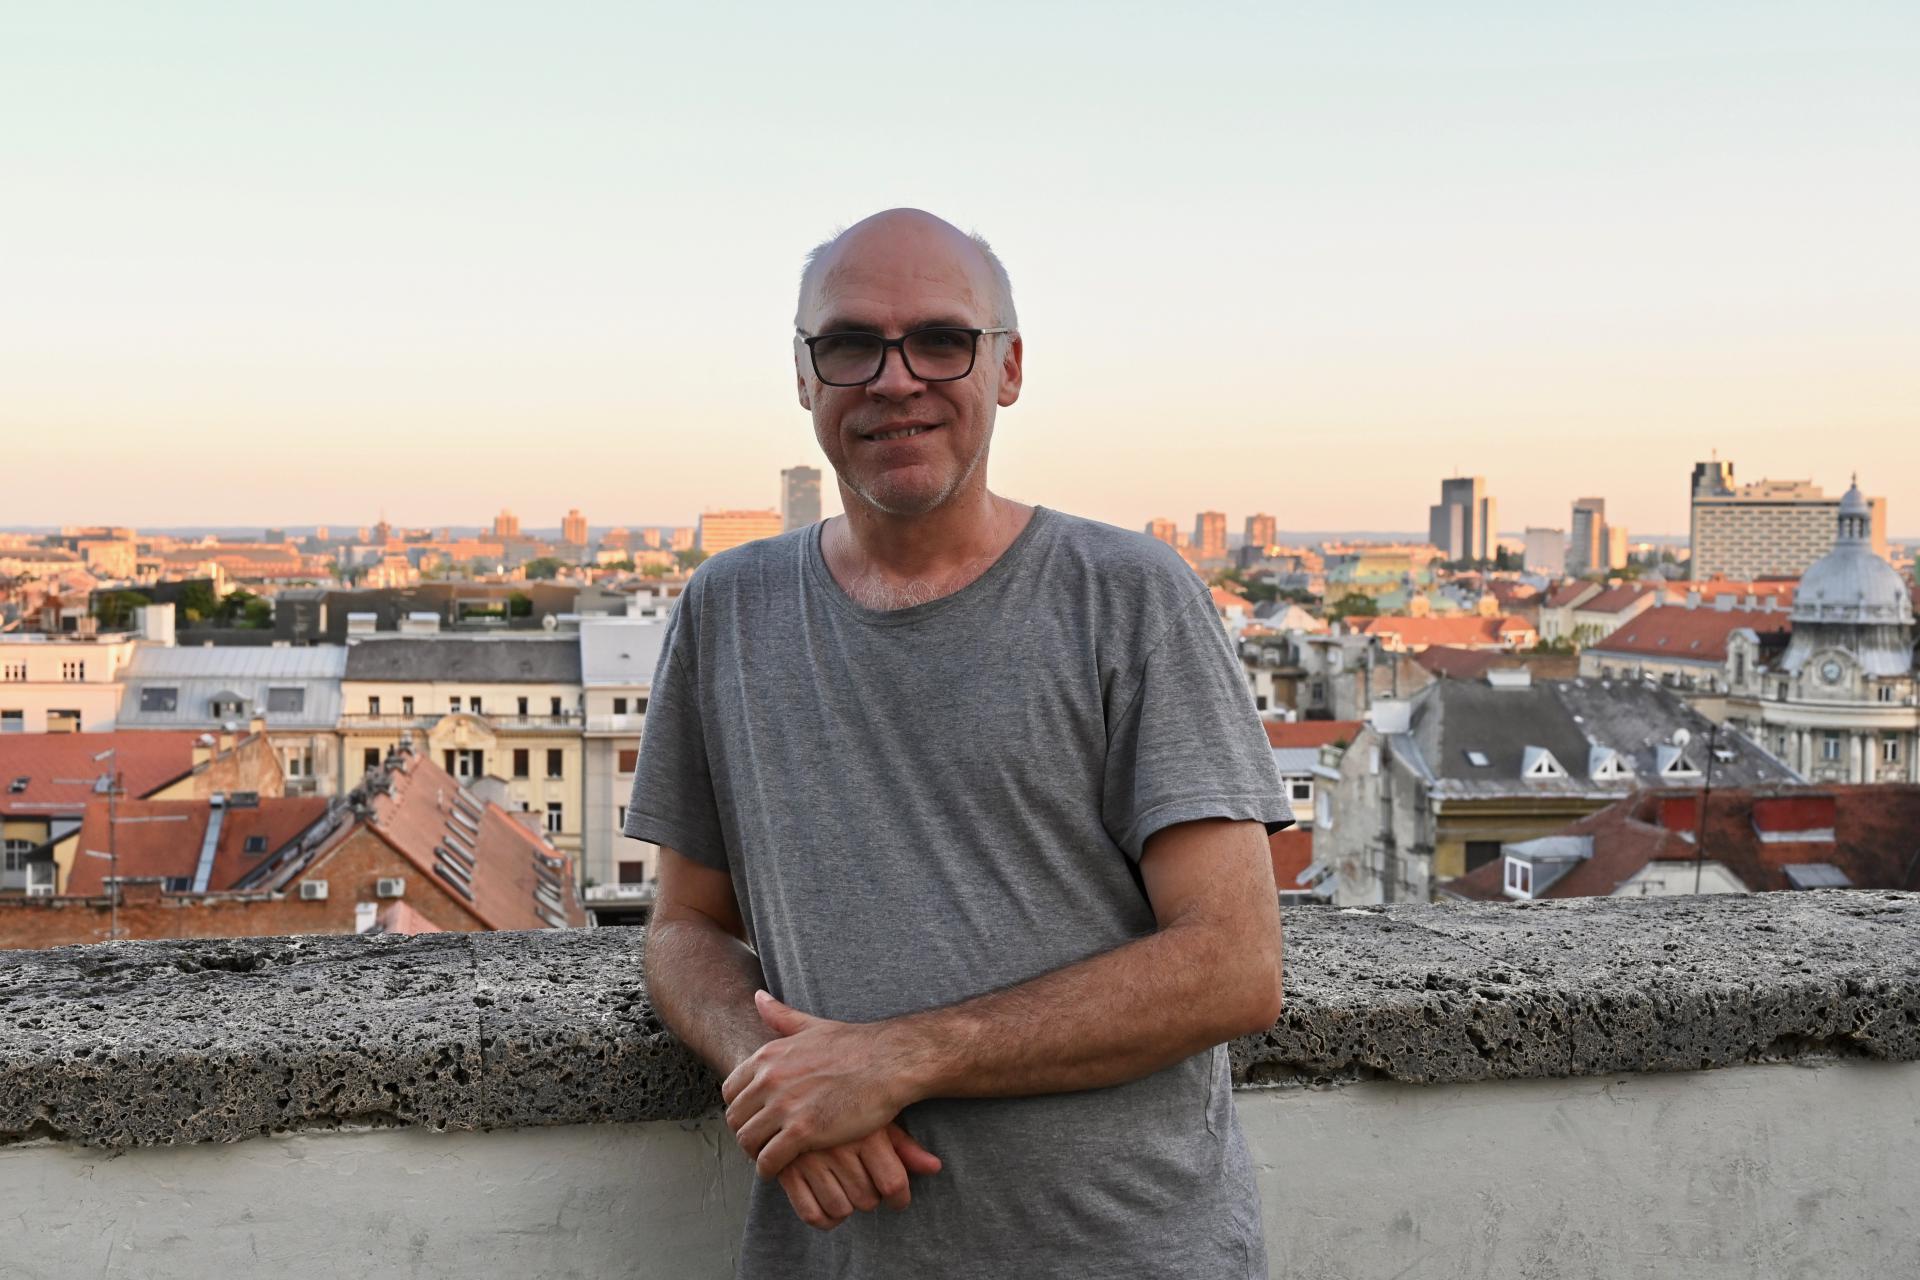 Michaele Desjardins, znanstvenik s montrealskog sveučilišta